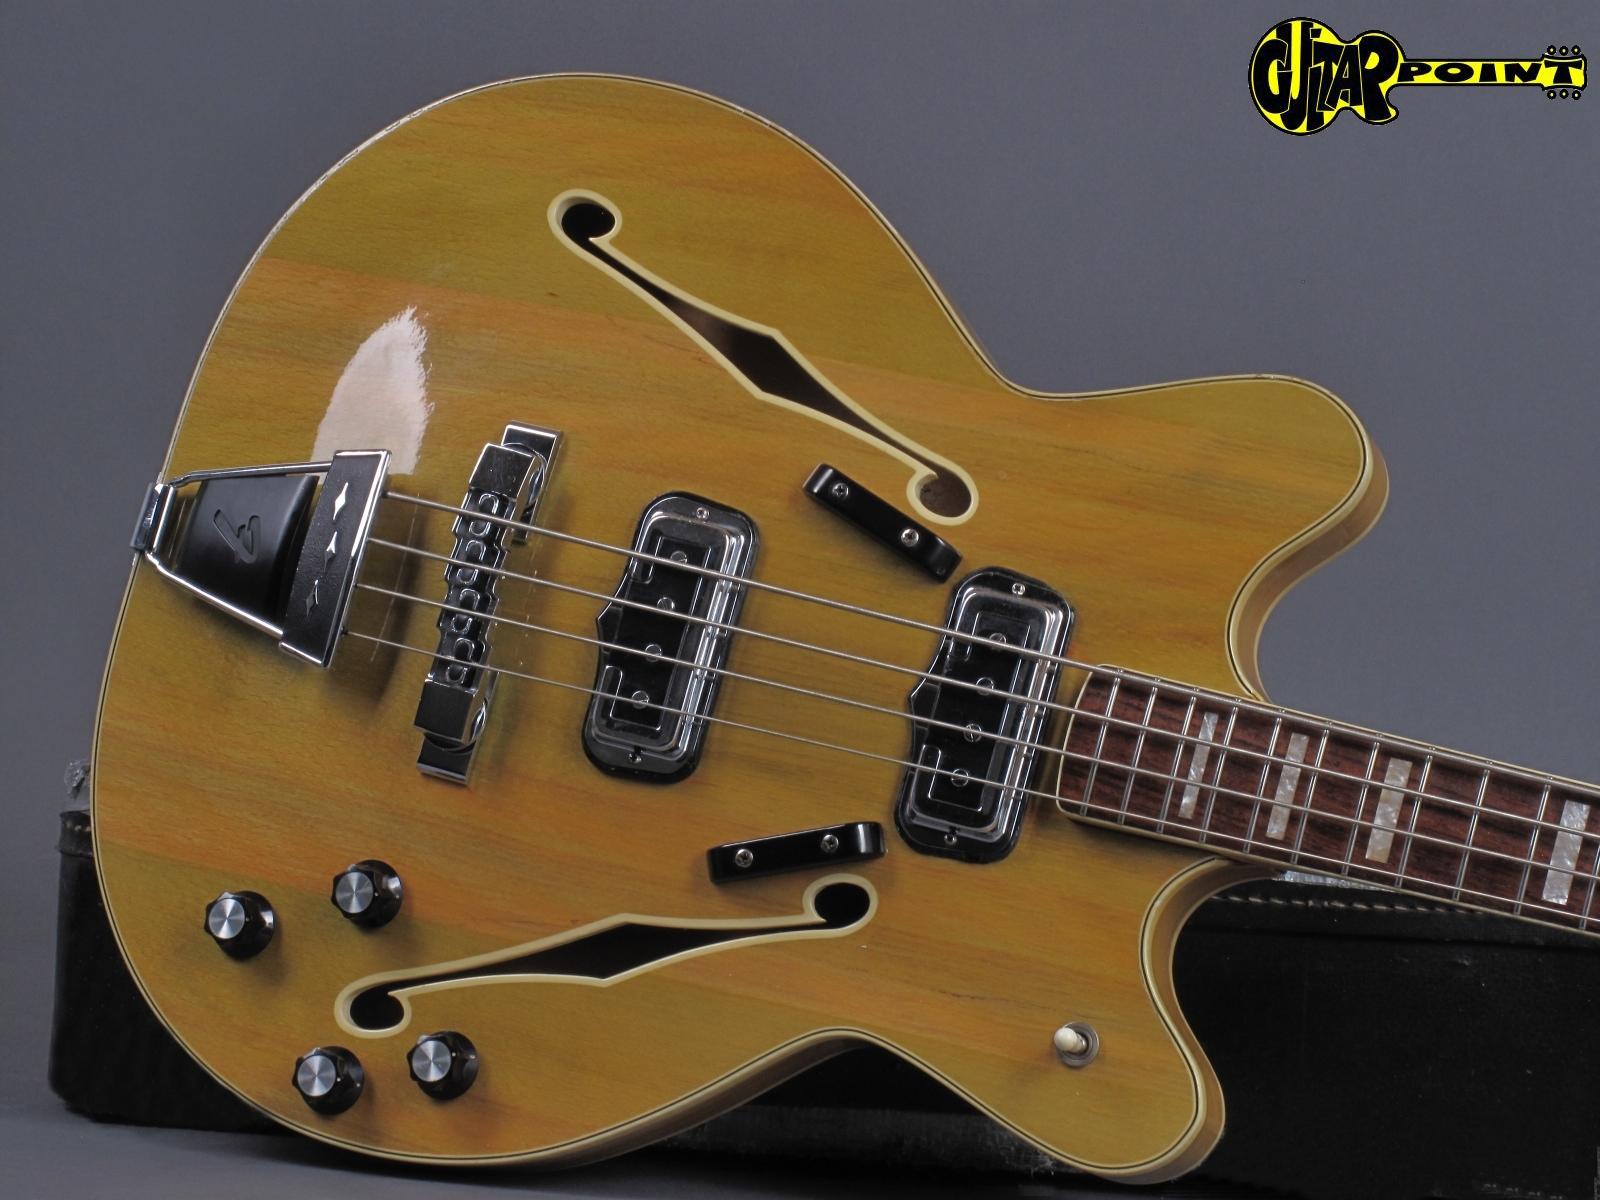 https://guitarpoint.de/app/uploads/products/1967-fender-coronado-ii-wildwood-bass/Fender67CoroWiWoBass203914_19.jpg